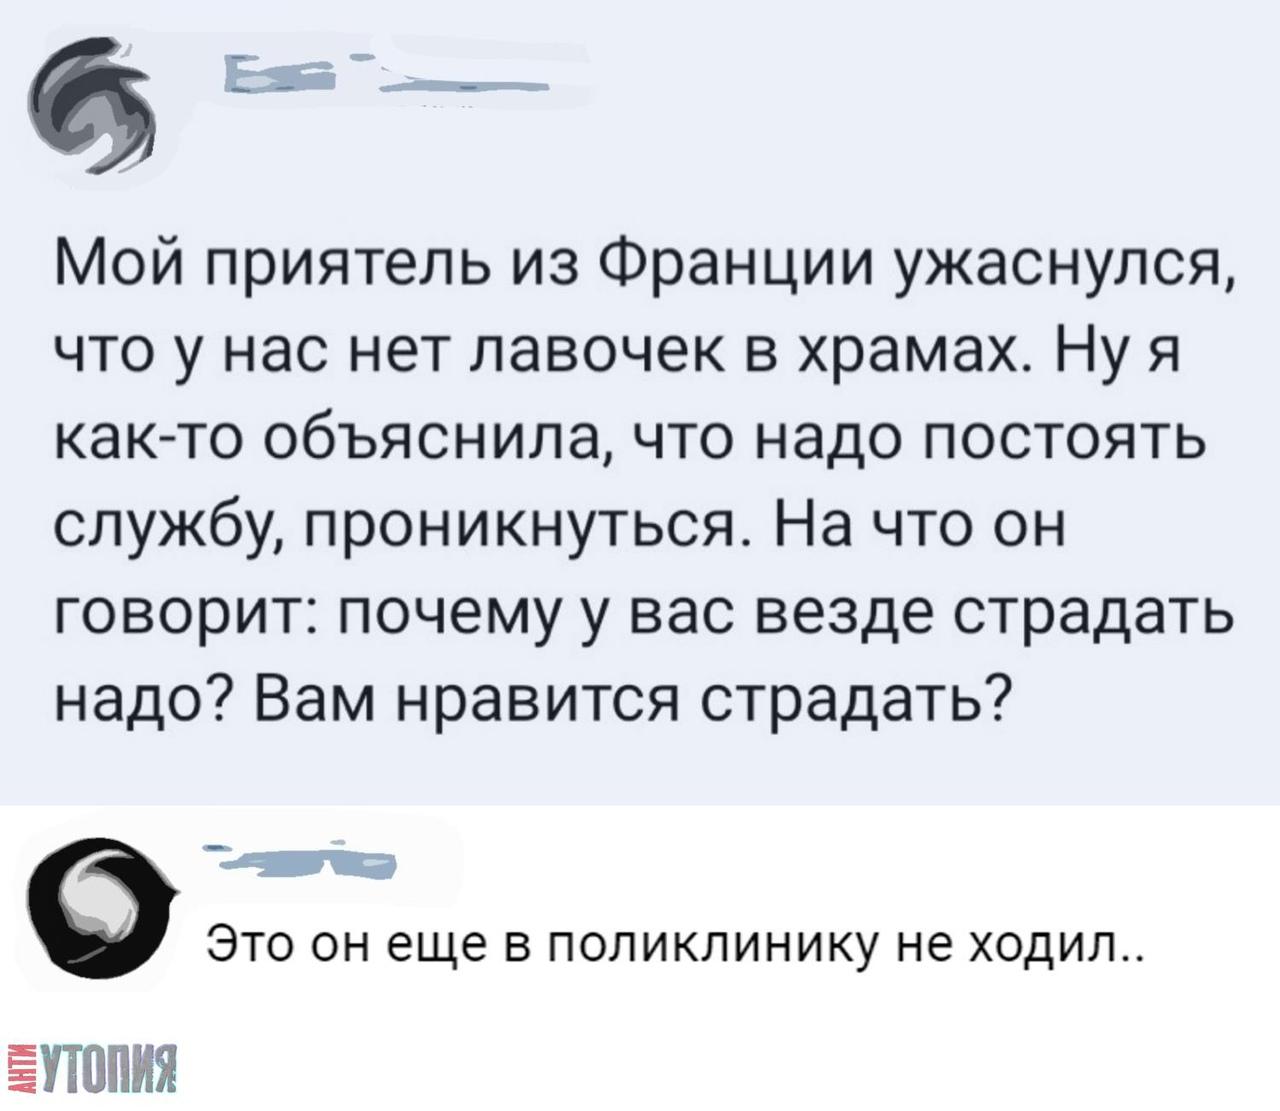 АНТИУТОПИЯ  УТОПИЯ 199274